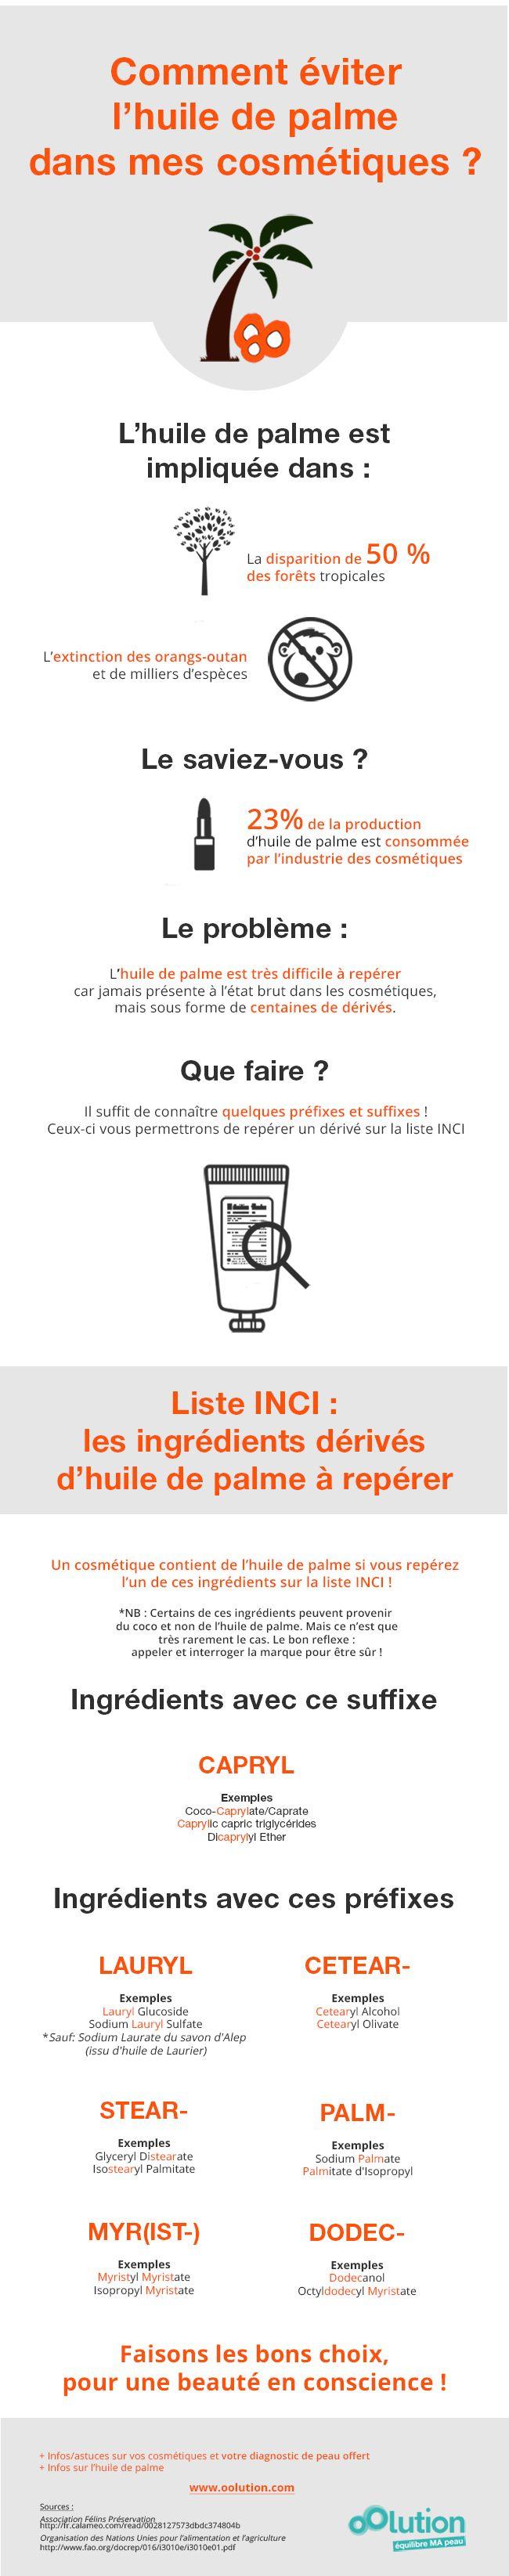 Huile de Palme dans les cosmétiques - La liste des ingrédients à repérer pour éviter l'huile de palme dans les cosmétiques